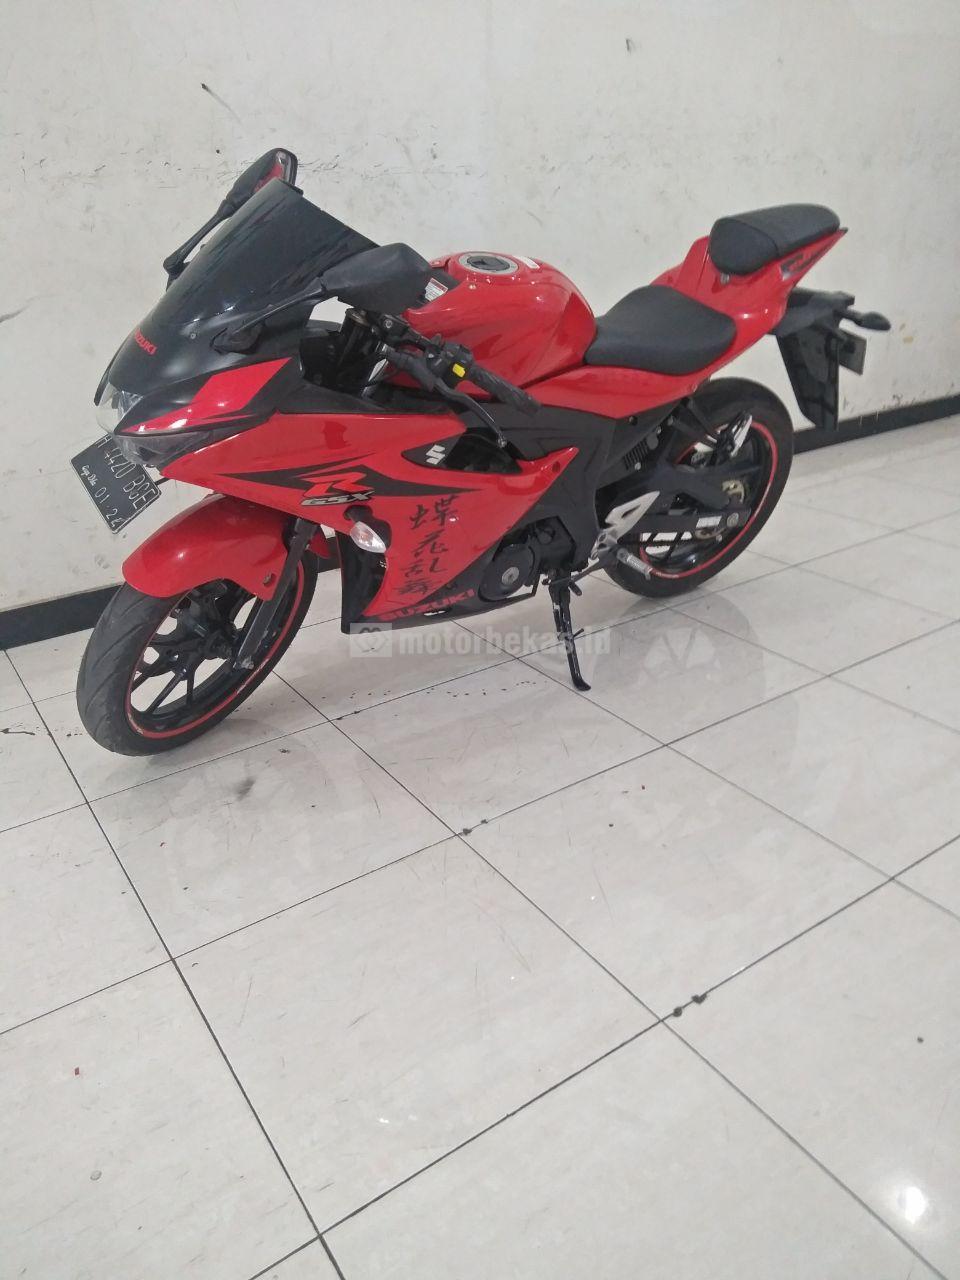 SUZUKI GSX 150R  2018 motorbekas.id